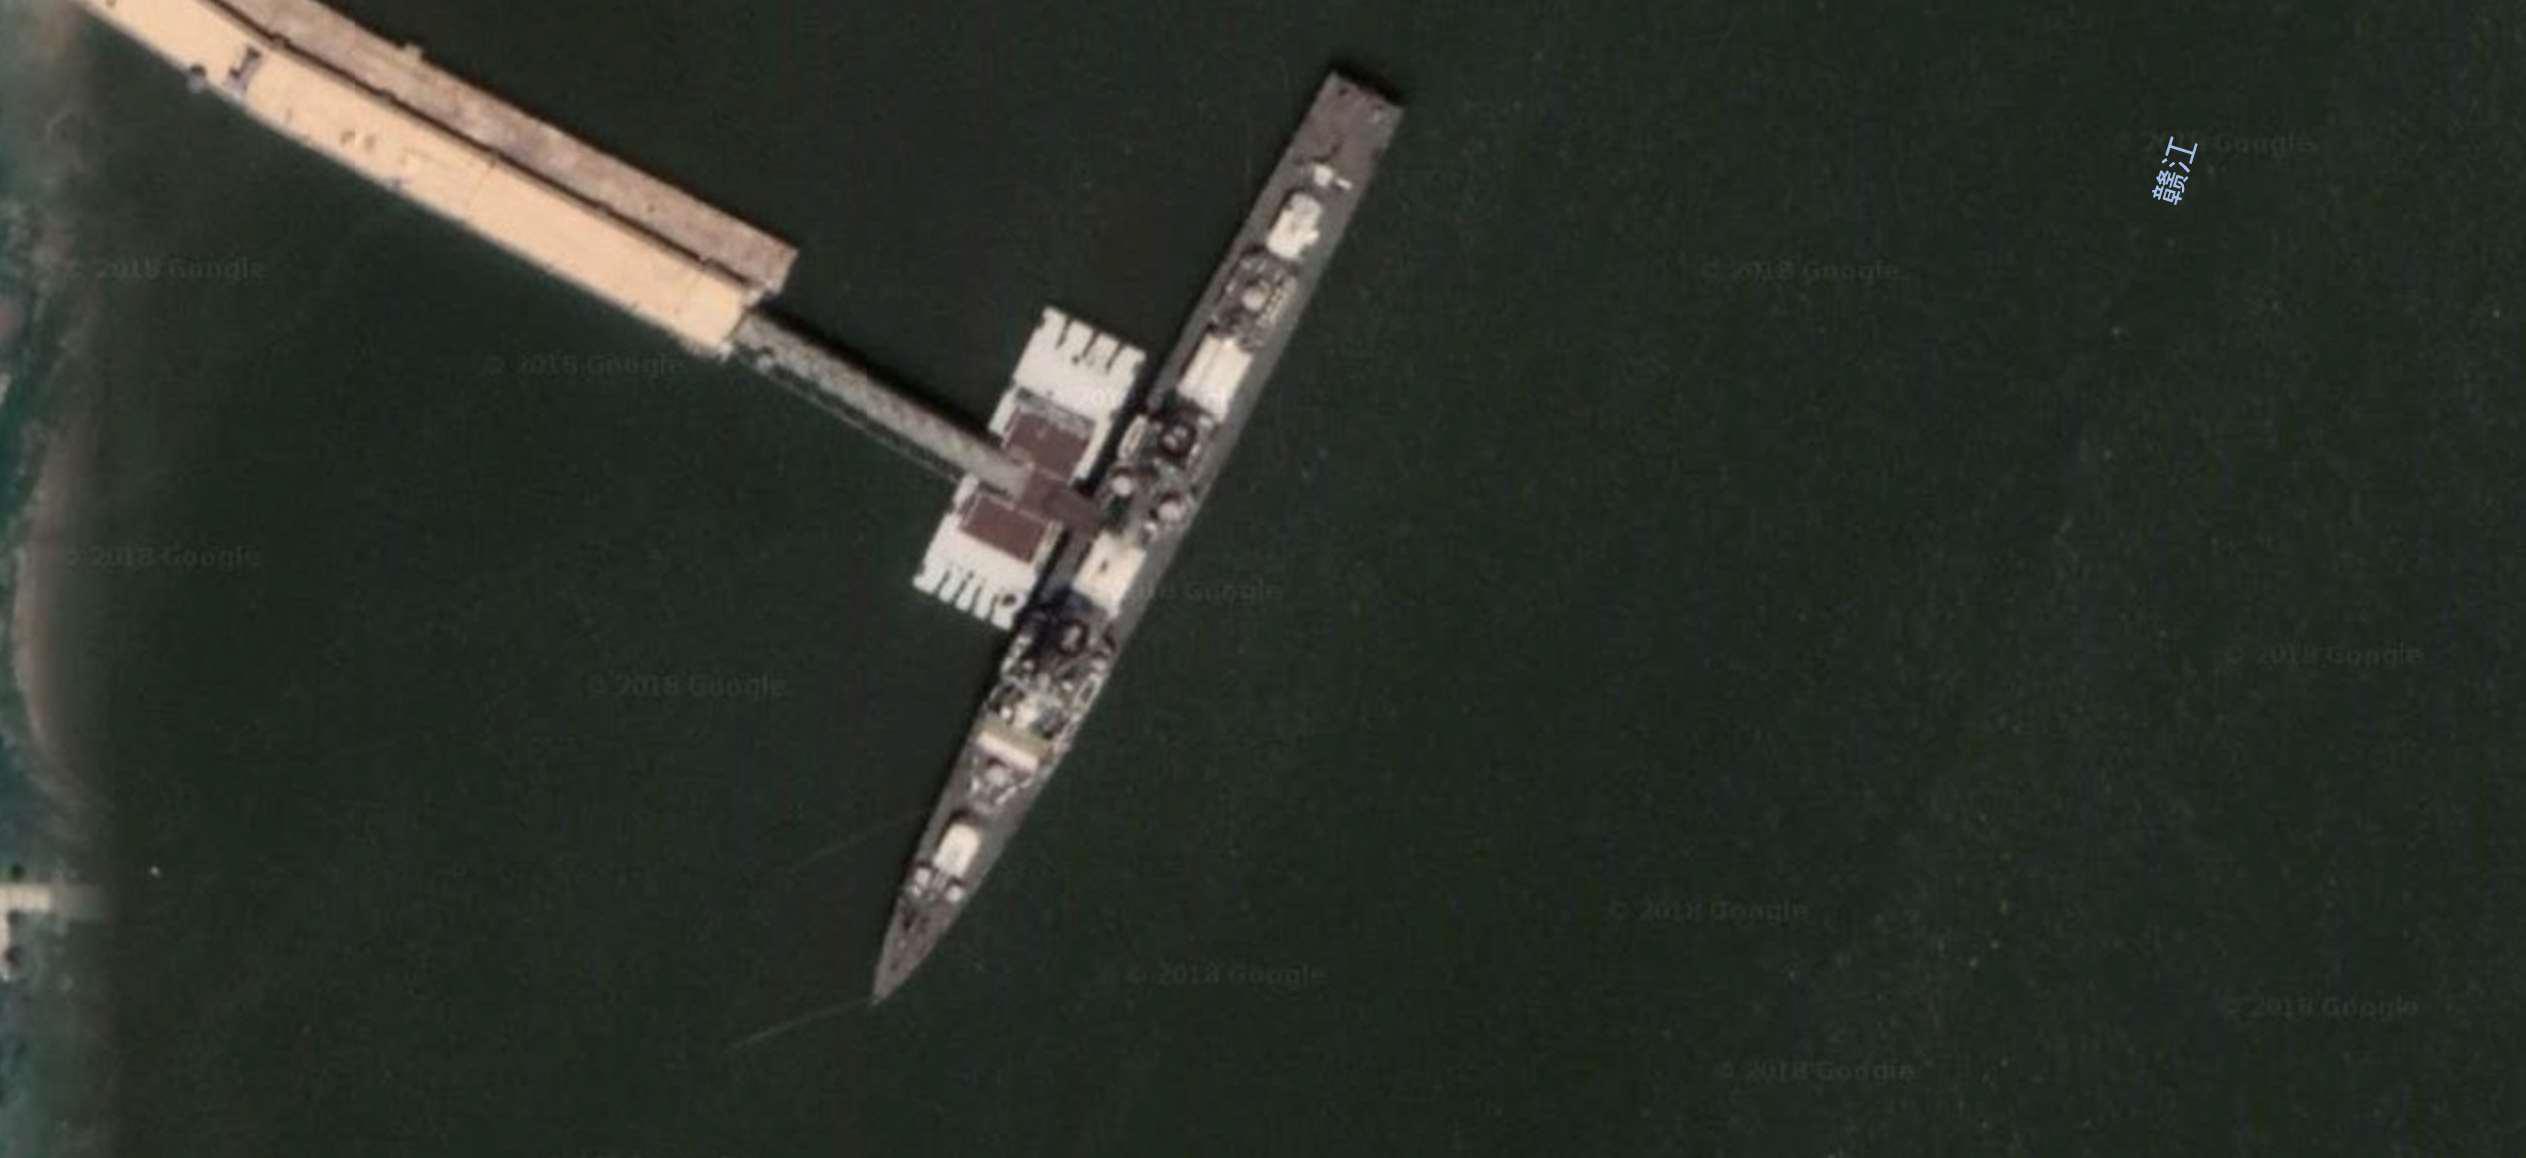 051D导弹驱逐舰-163-南昌-南昌市长江路口附近-1.jpg